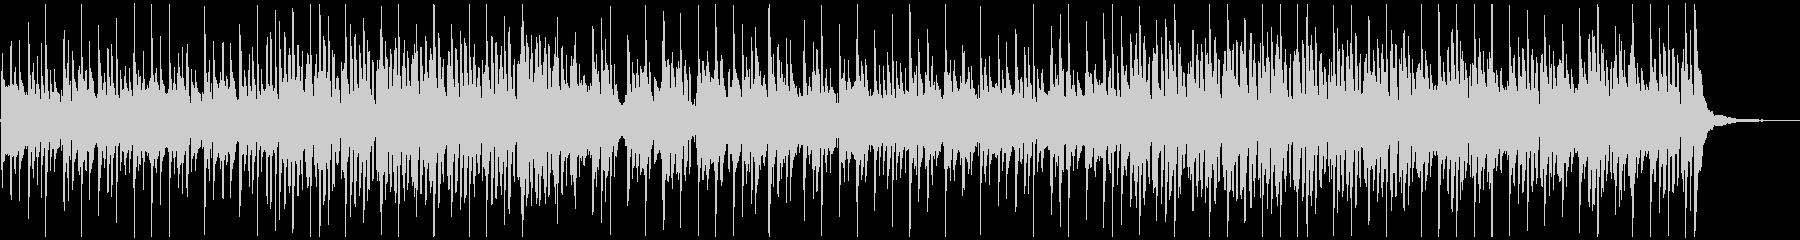 プロフィールビデオに最適なアコギ曲の未再生の波形